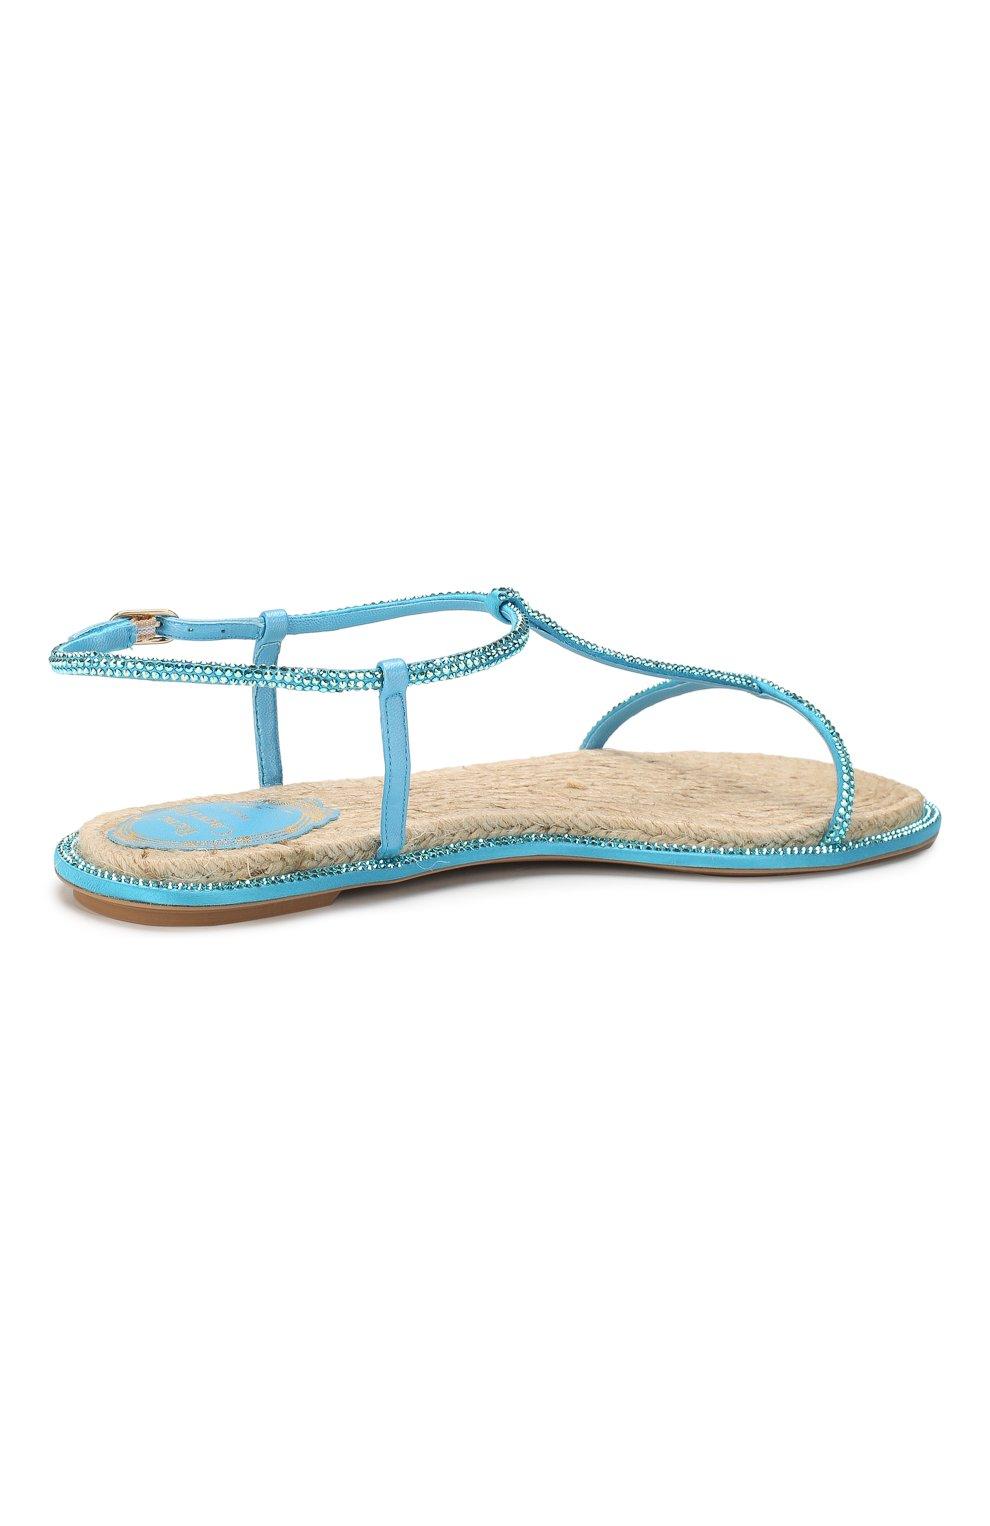 Текстильные сандалии Amalia | Фото №4